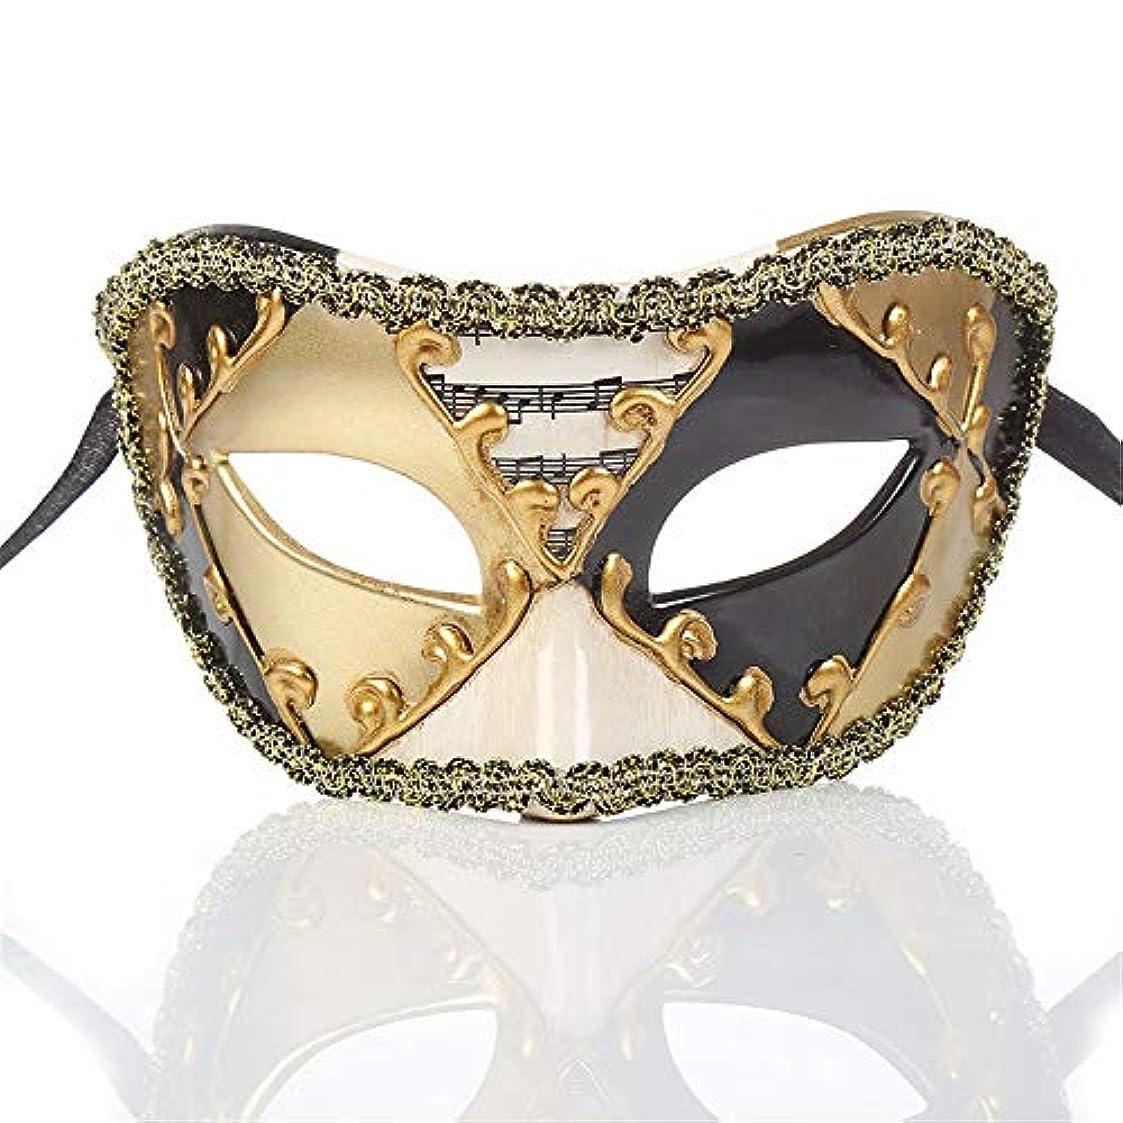 入り口賭け化石ダンスマスク ヴィンテージクラシックハーフフェイスクラウンミュージカルノート装飾マスクフェスティバルロールプレイングプラスチックマスク ホリデーパーティー用品 (色 : ブラック, サイズ : 16.5x8cm)